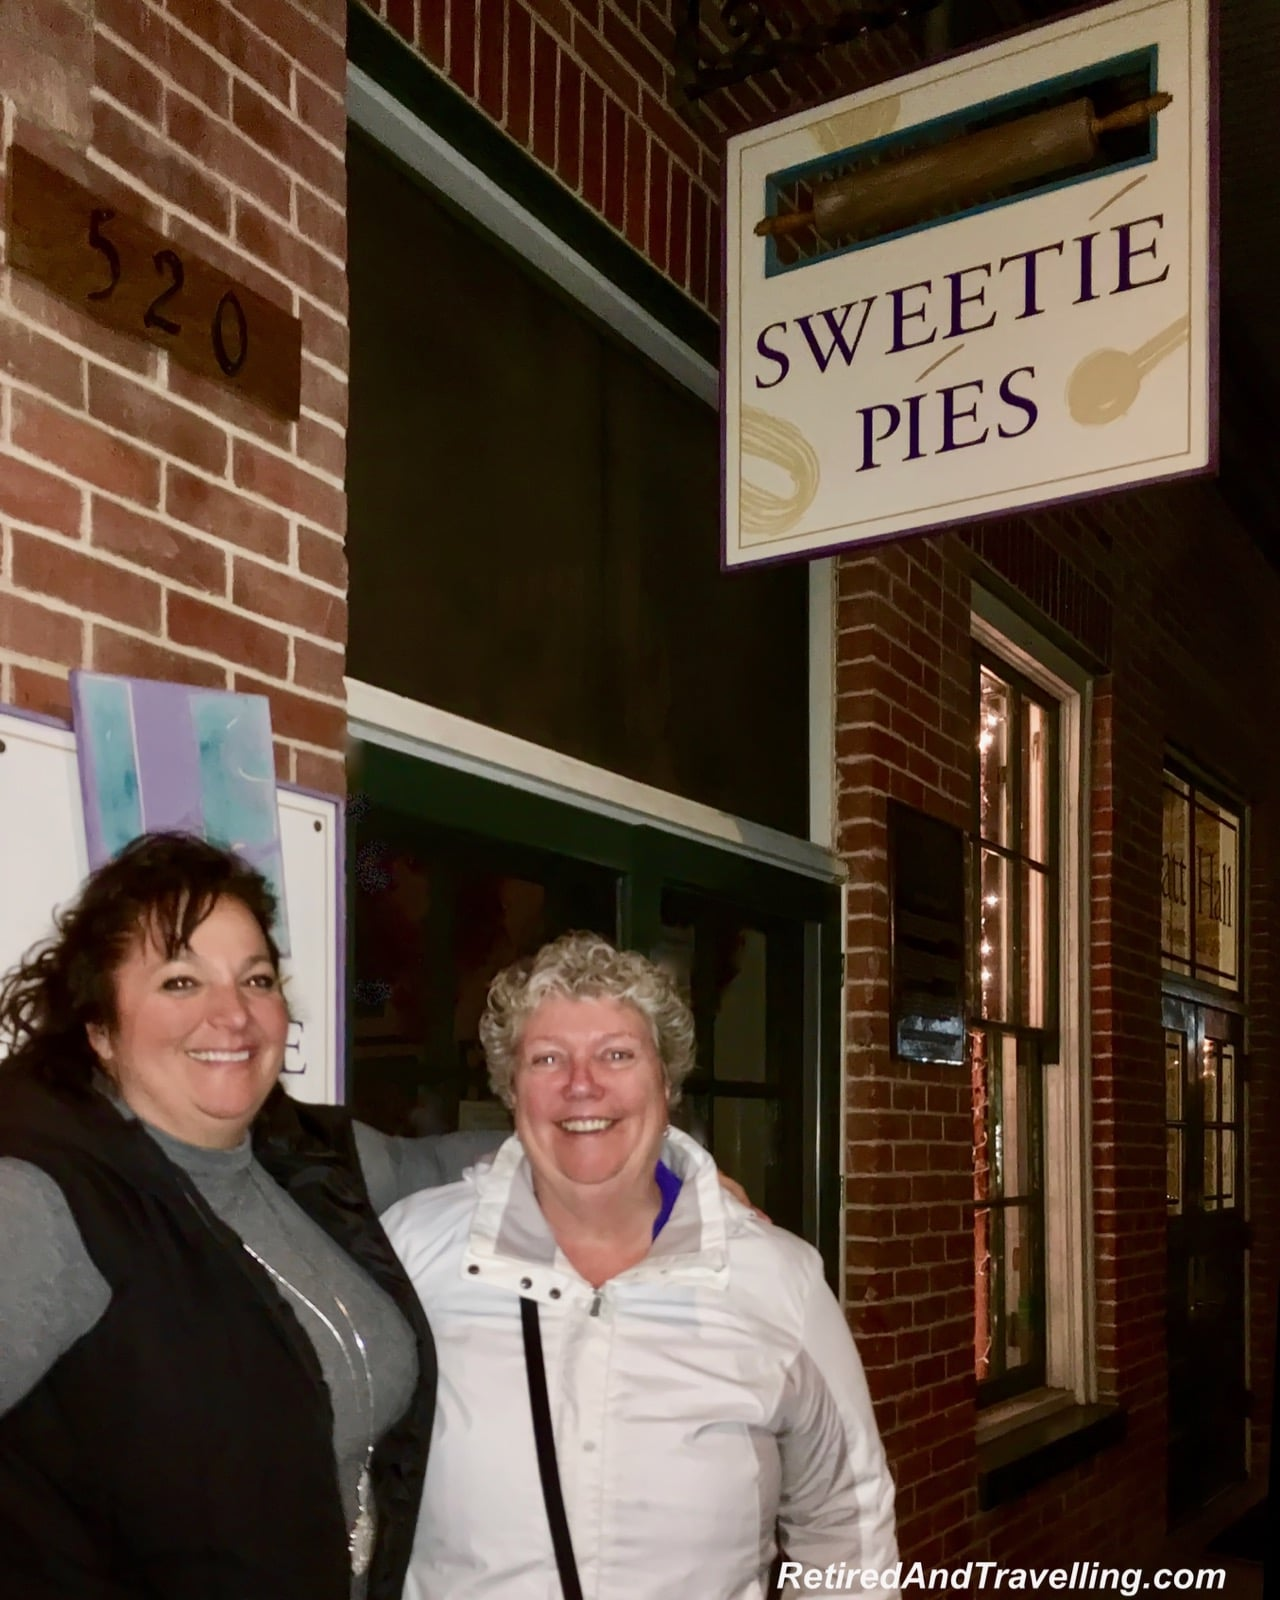 Napa Sweetie Pies.jpg